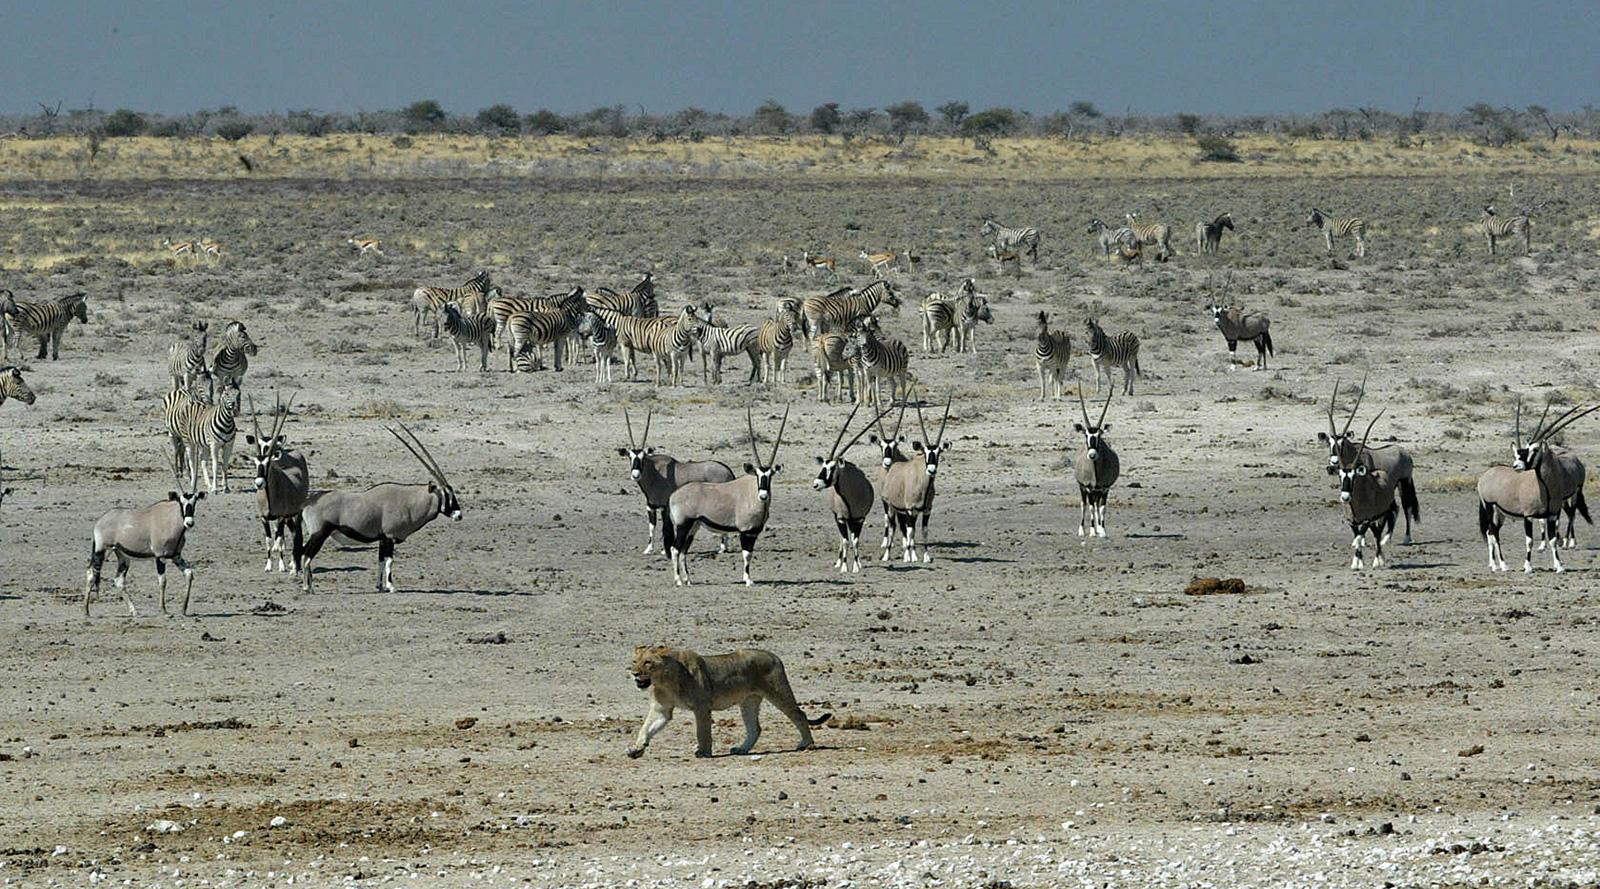 © Wilderness Safaris | Etosha National Park, Namibia